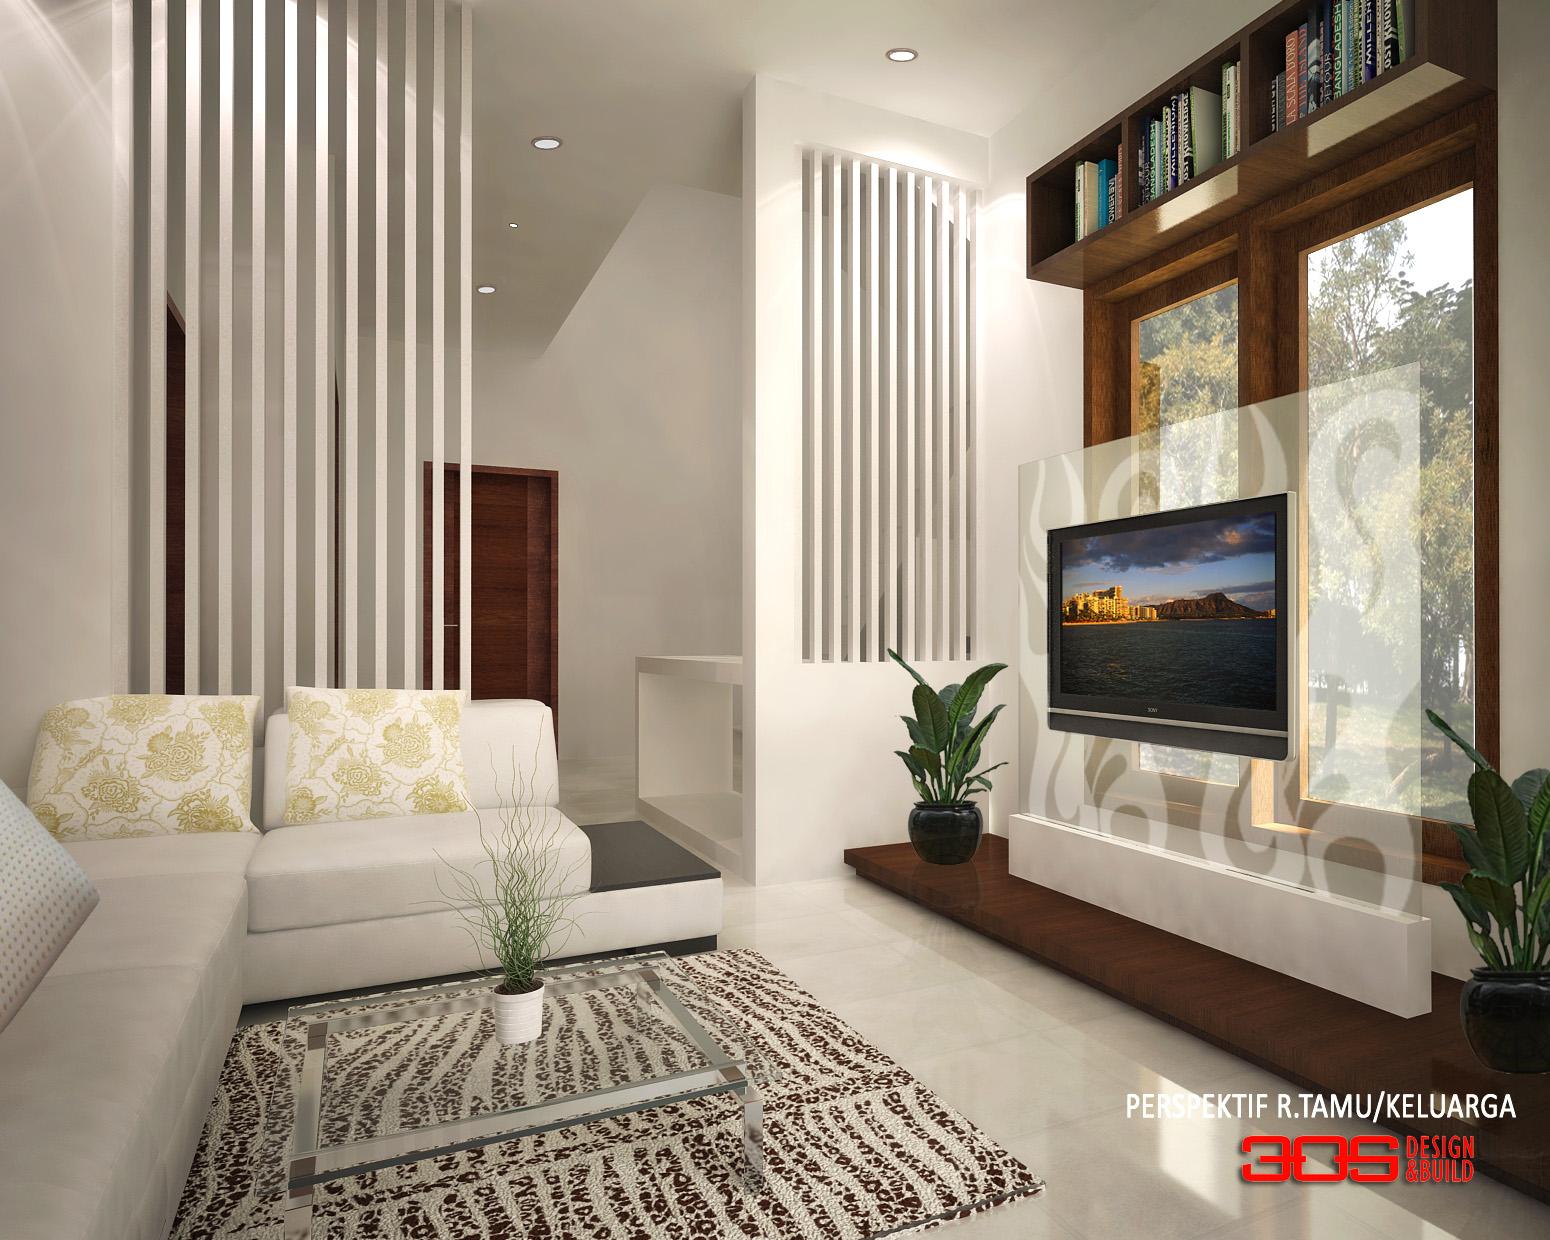 3os design  construction